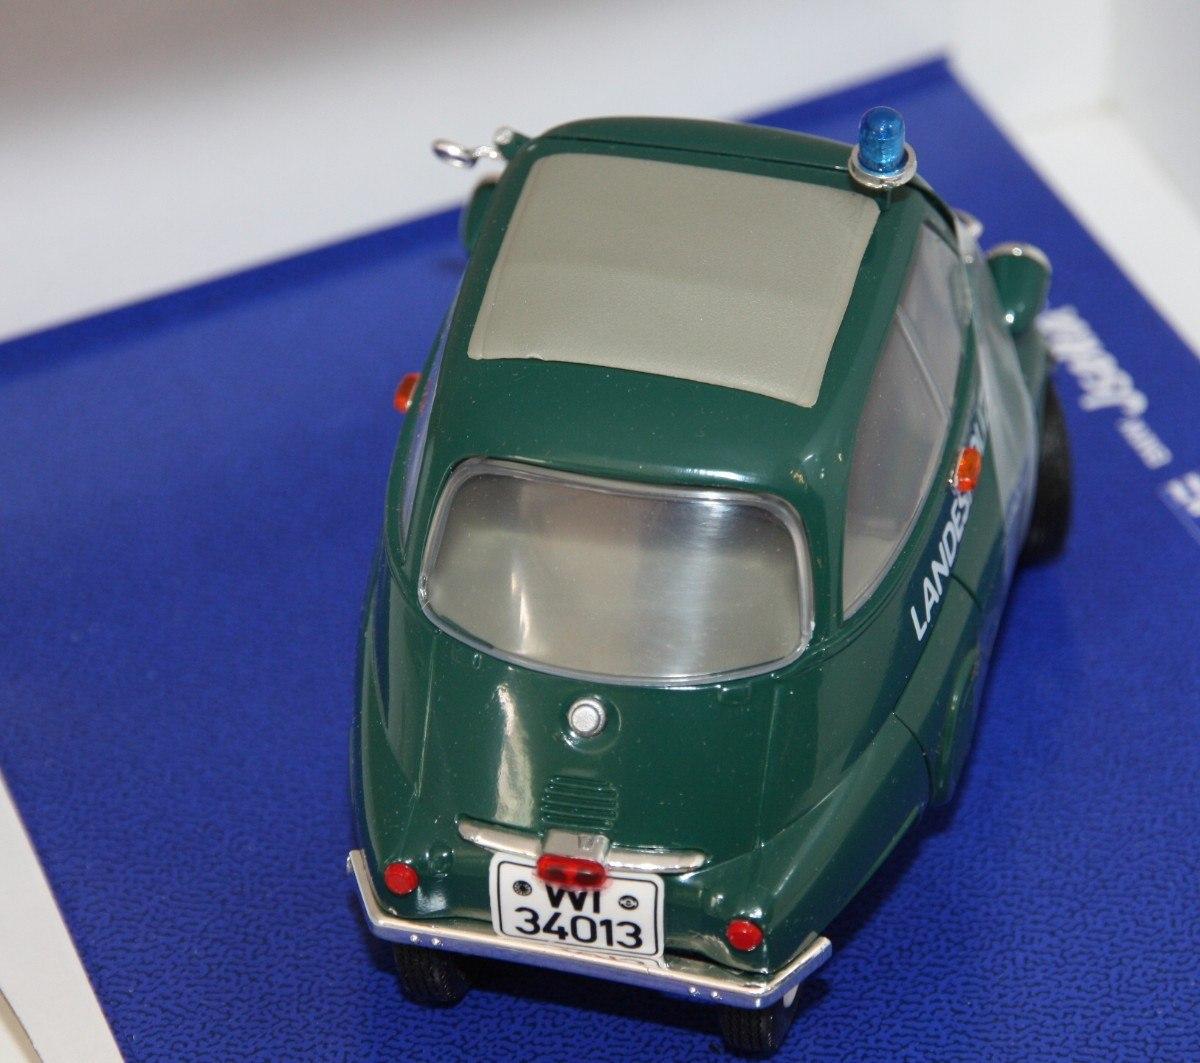 Bmw Isetta 250 Landespolizei 1 18 Revell 08911 Raridade R 300 00 Em Mercado Livre